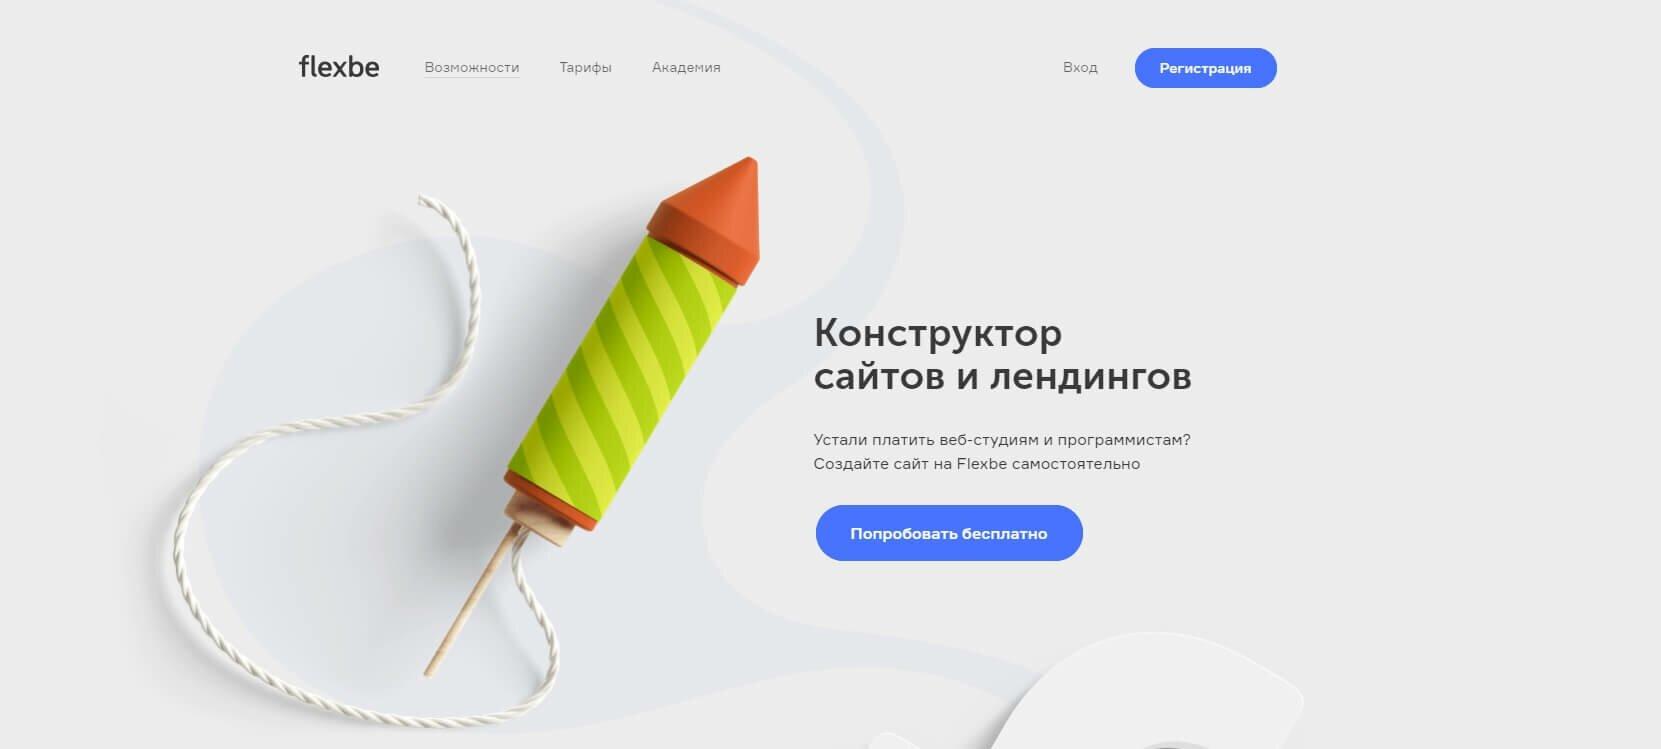 Flexbe - платформа для создания сайтов и лендингов